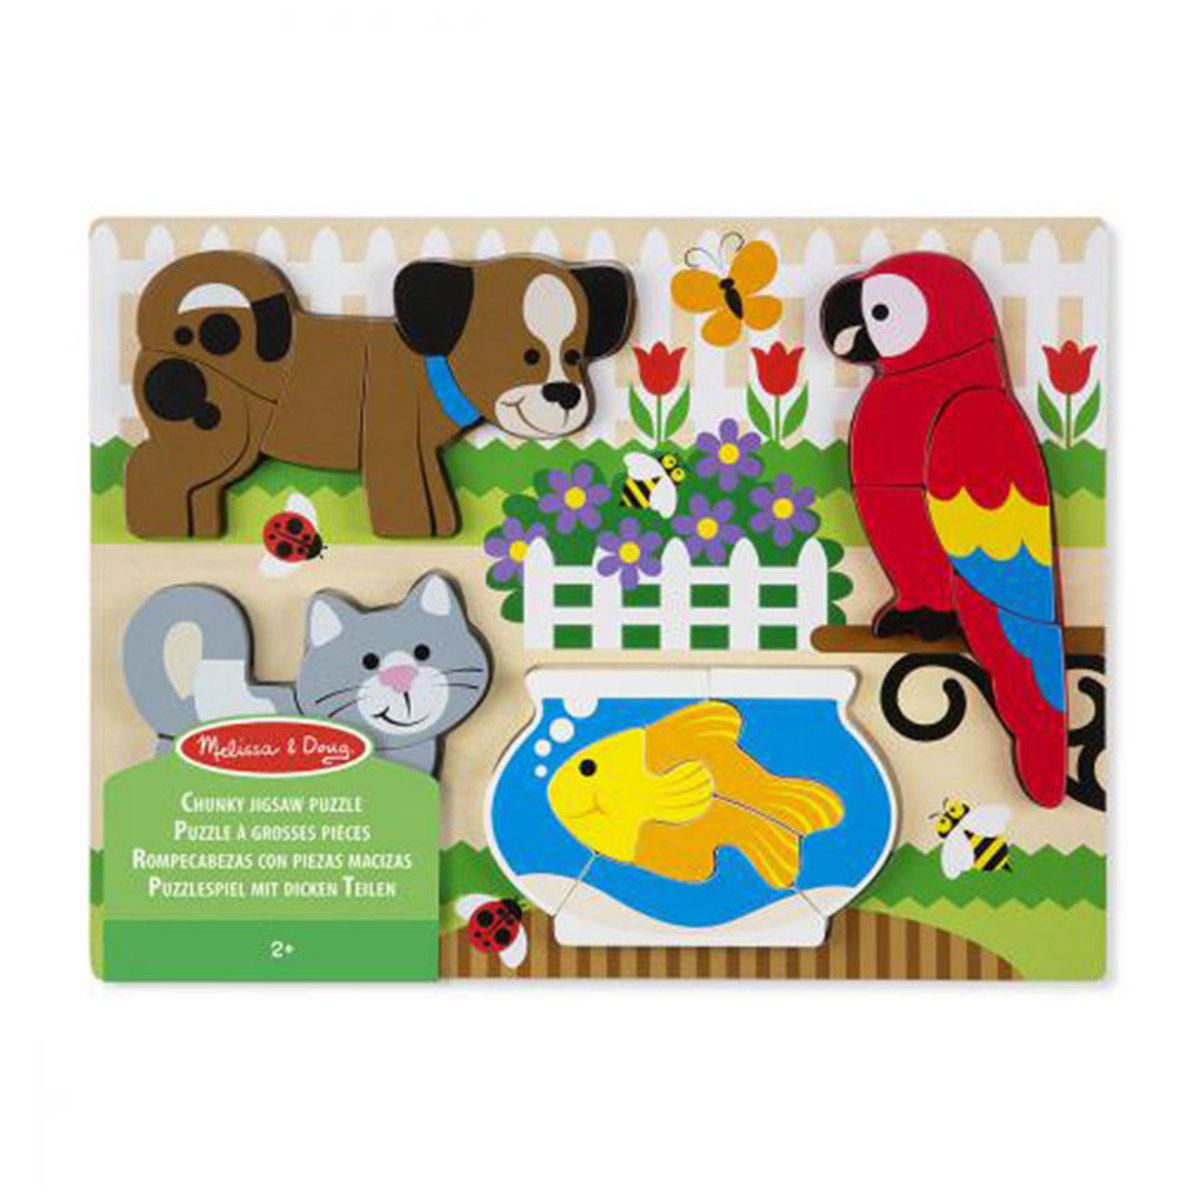 Mes premiers jouets Puzzle Grosses Pièces - Animaux Domestiques Puzzle Grosses Pièces - Animaux Domestiques